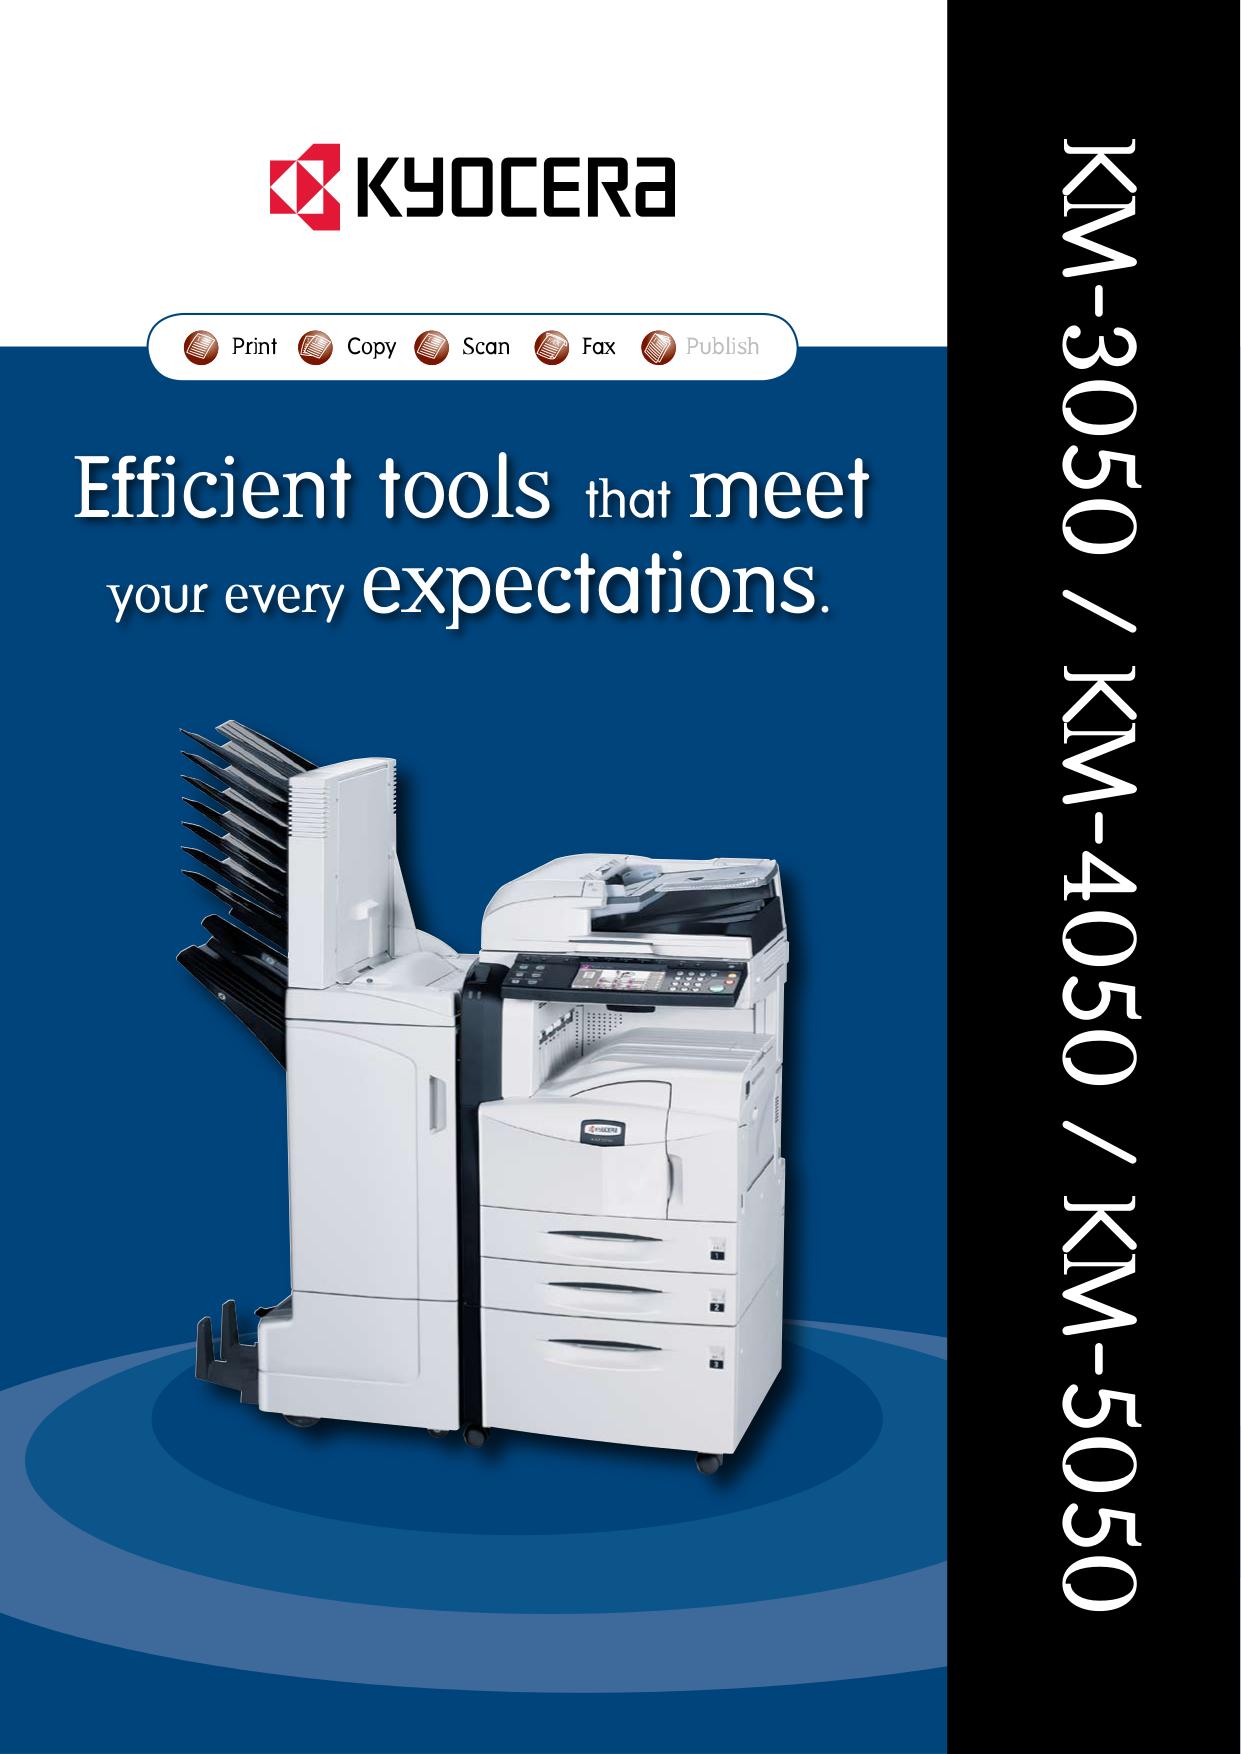 Km 1500 Kyocera Manual